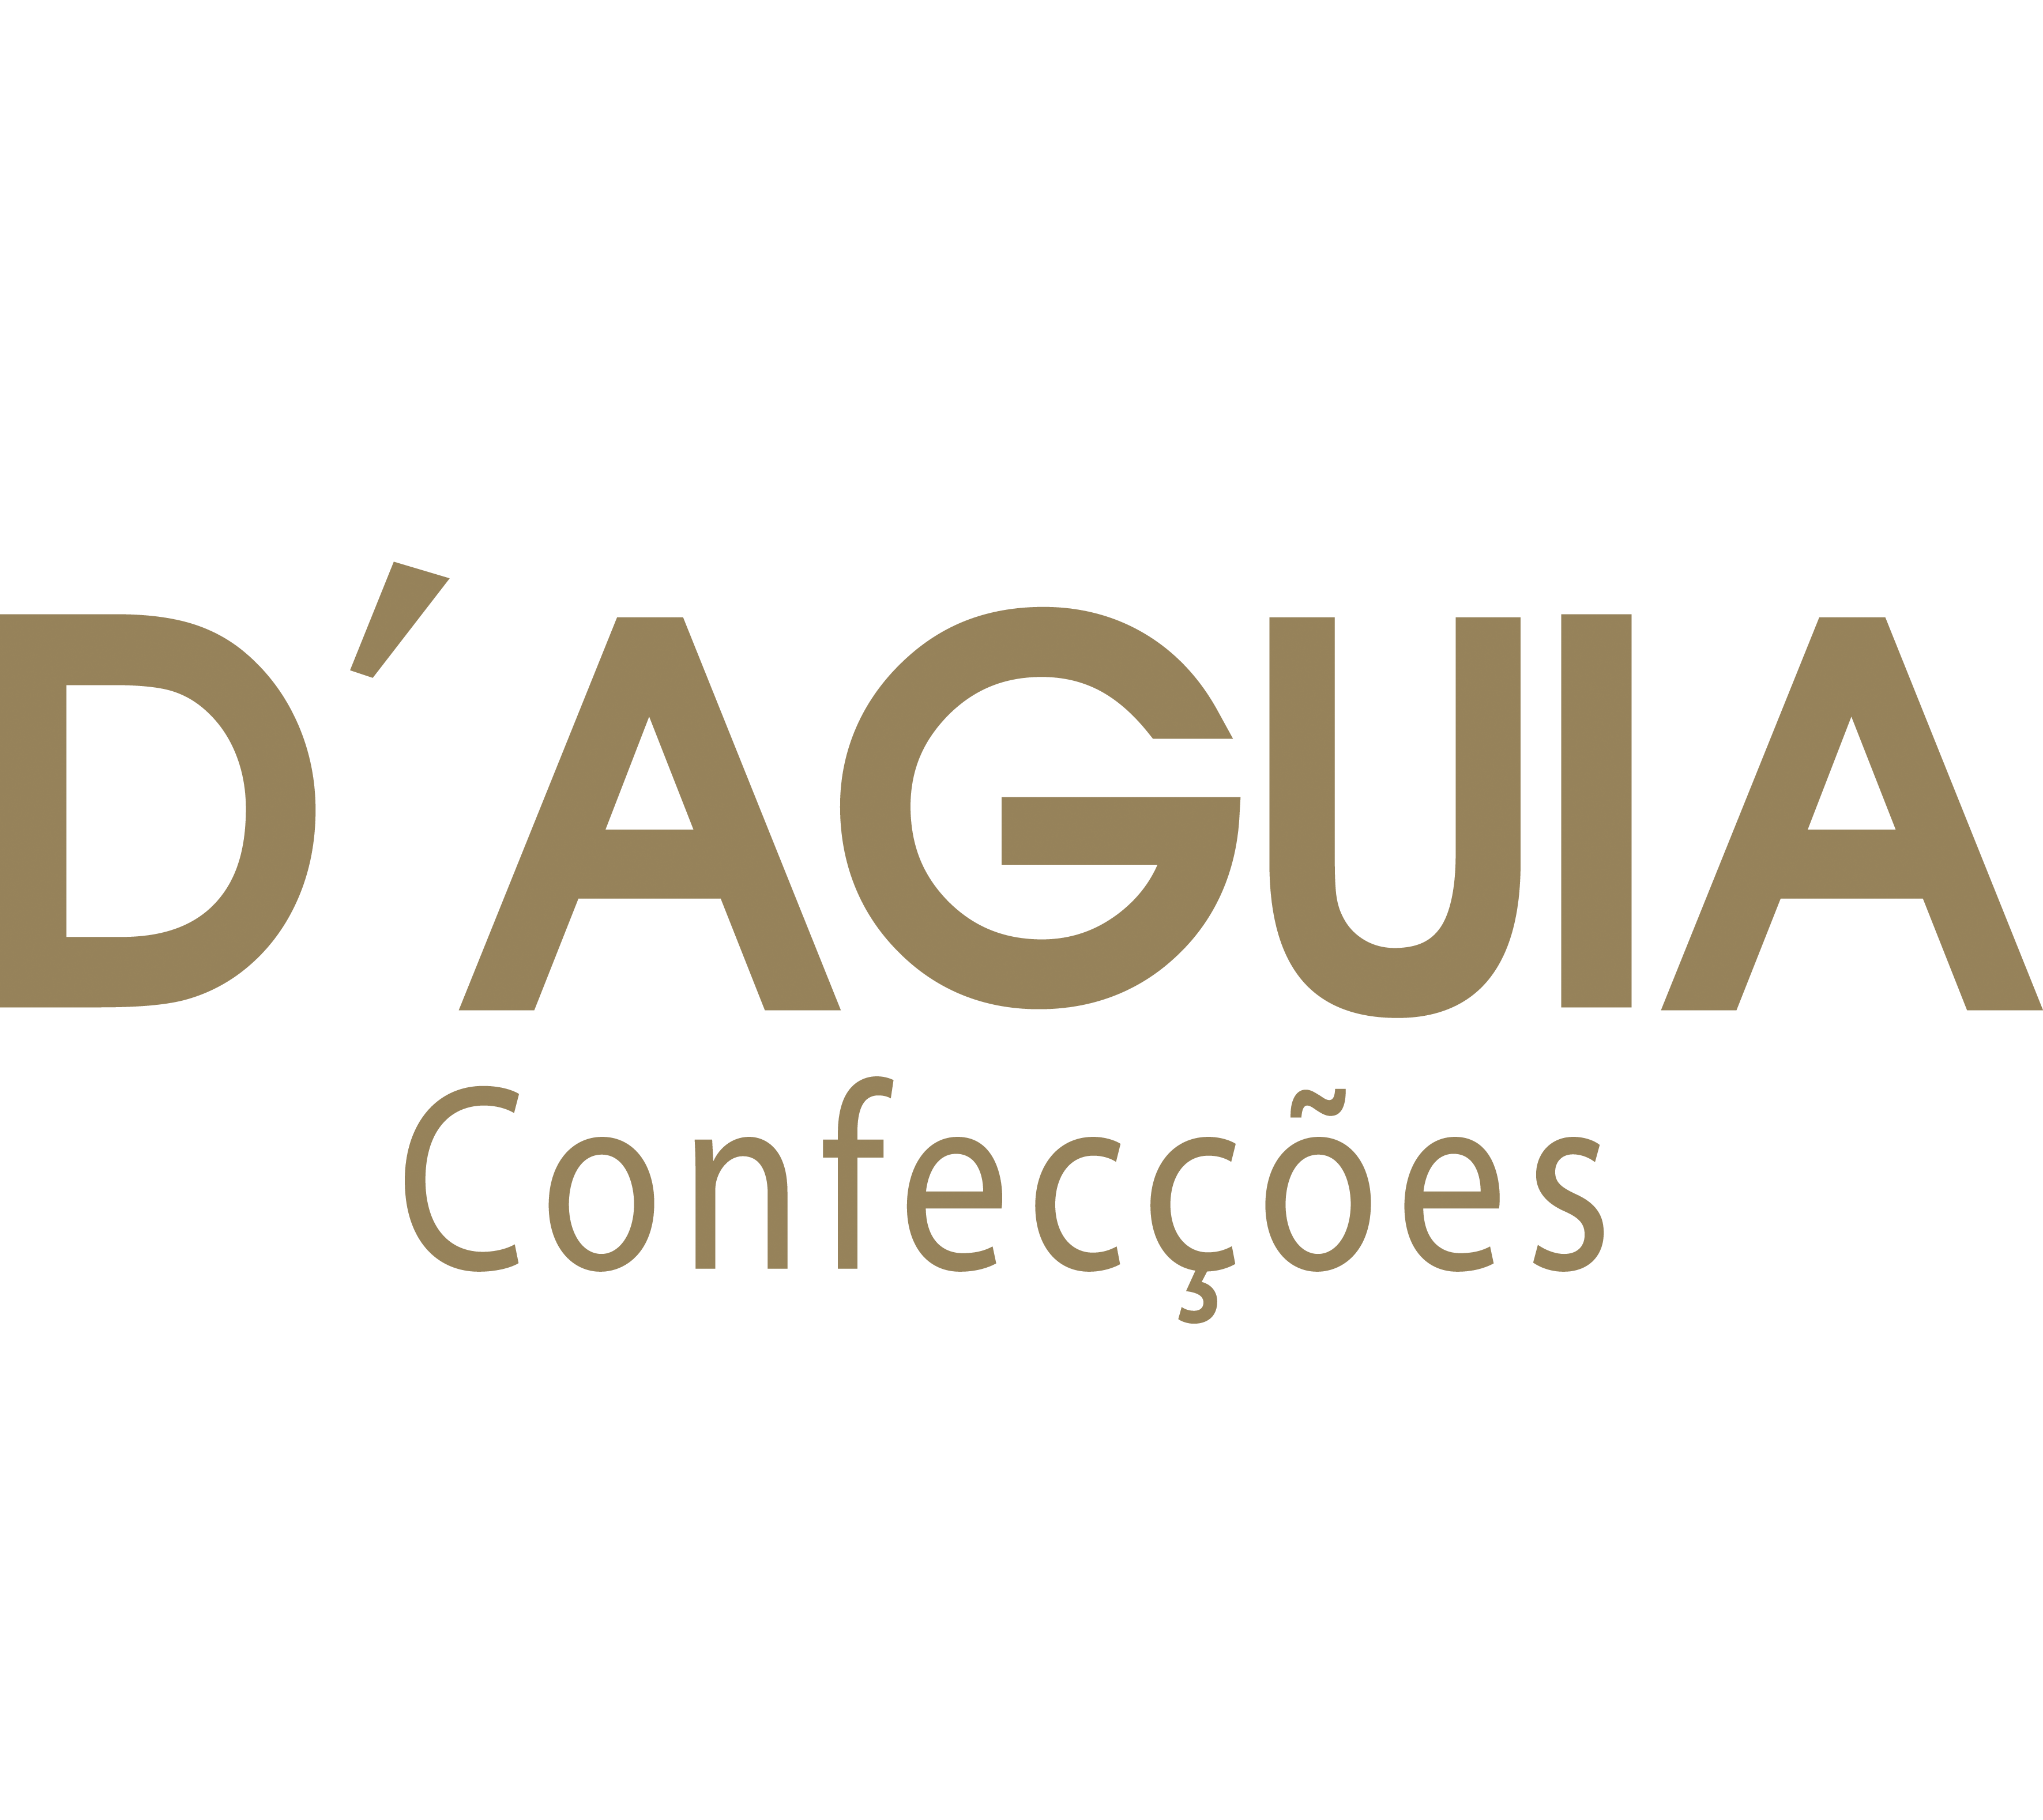 Confecções DÁguia